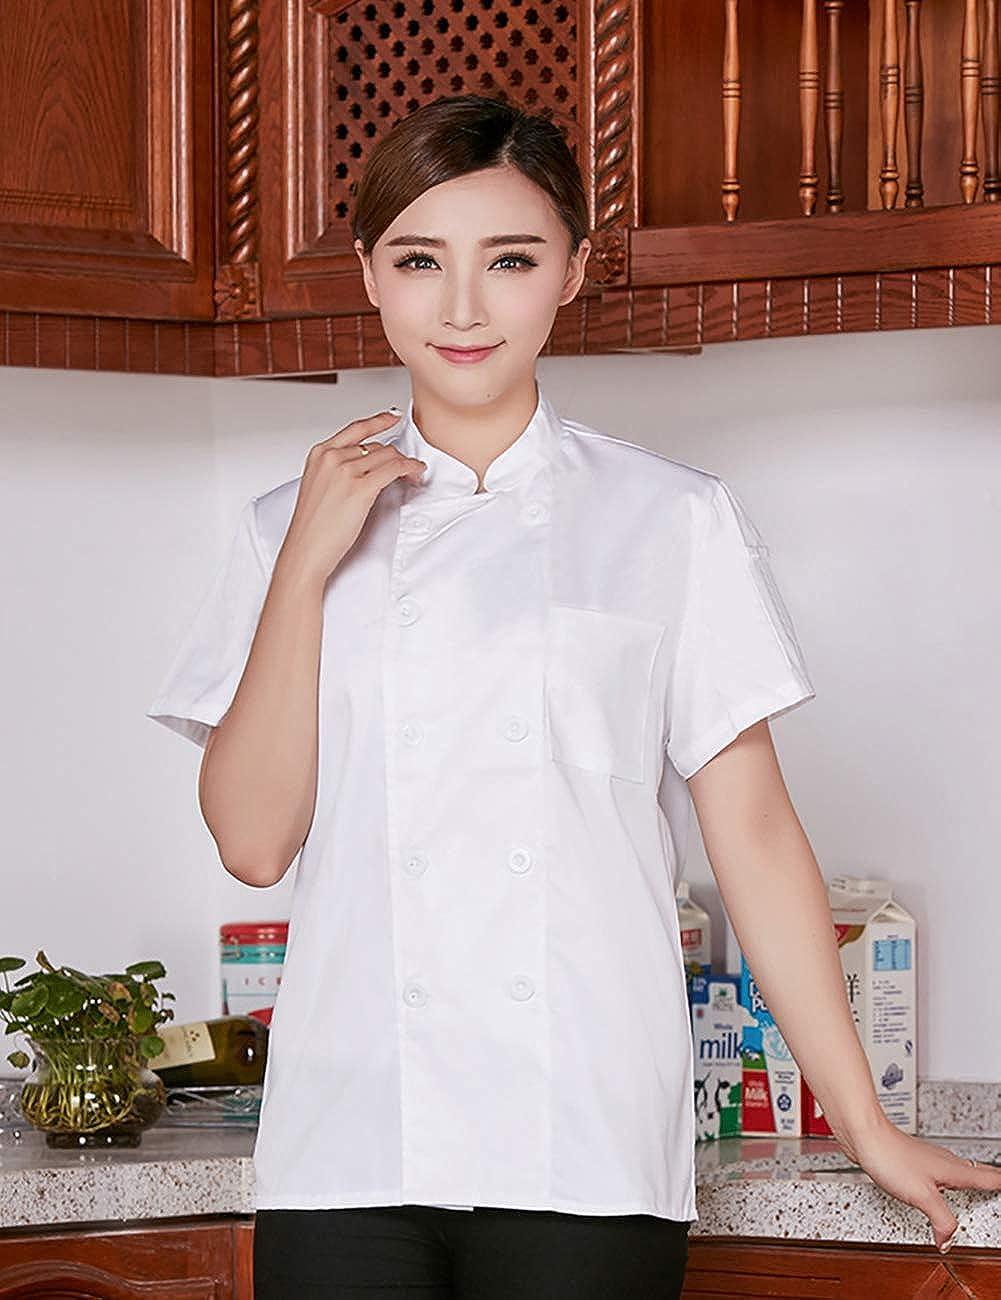 ShiyiUP Pantaloni da Chef Neri con Elastico in Vita